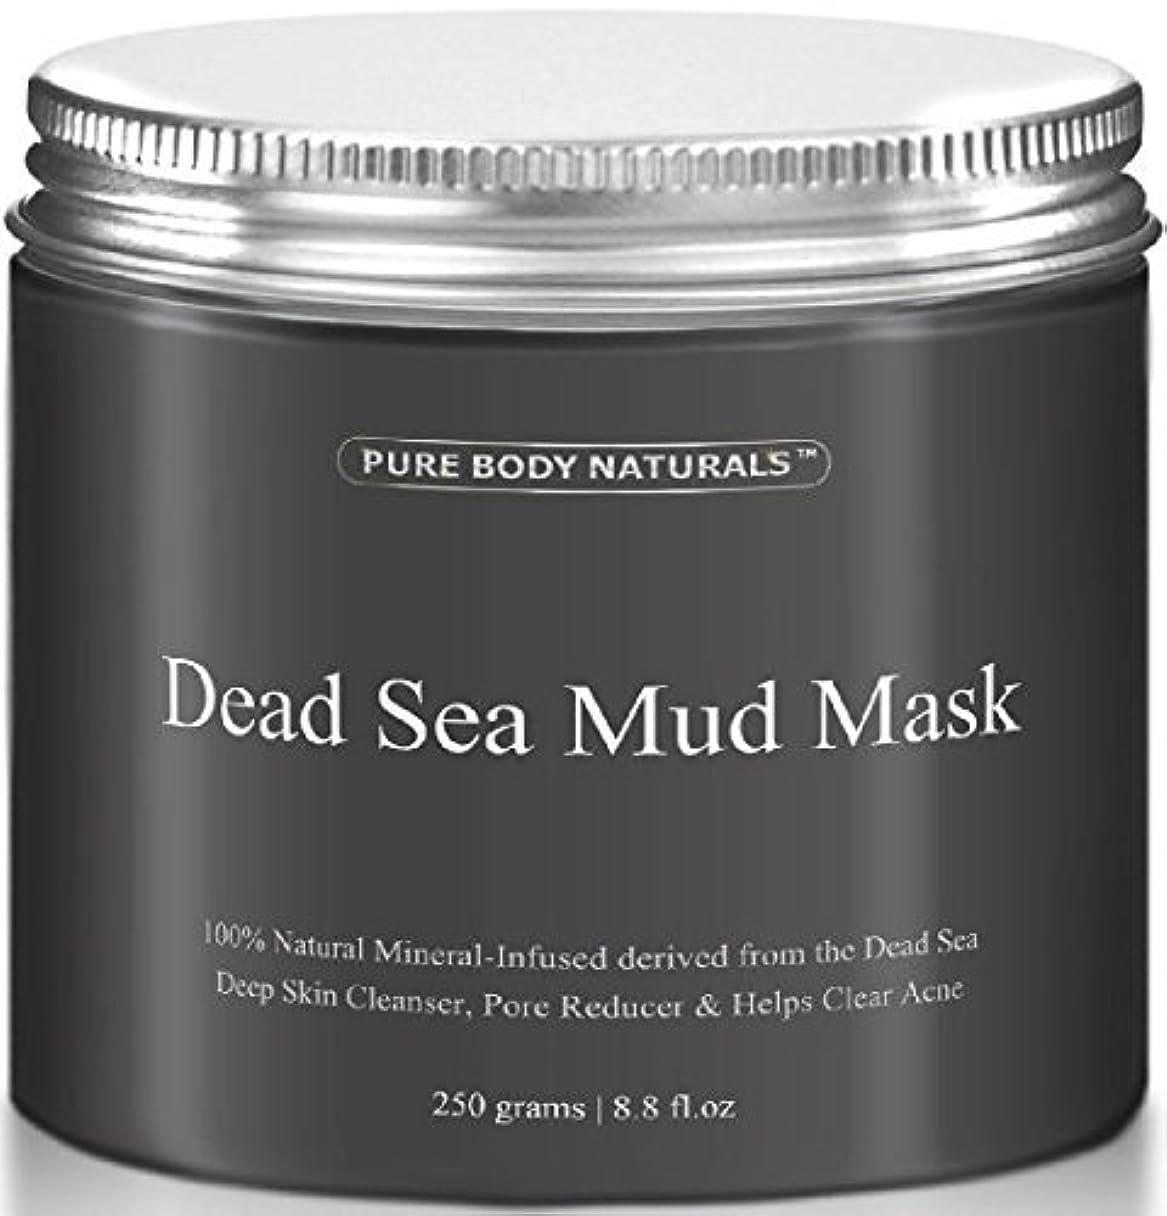 かろうじてスポット逸話Dead Sea Mud Mask 死海の泥マスク 250g [並行輸入品]